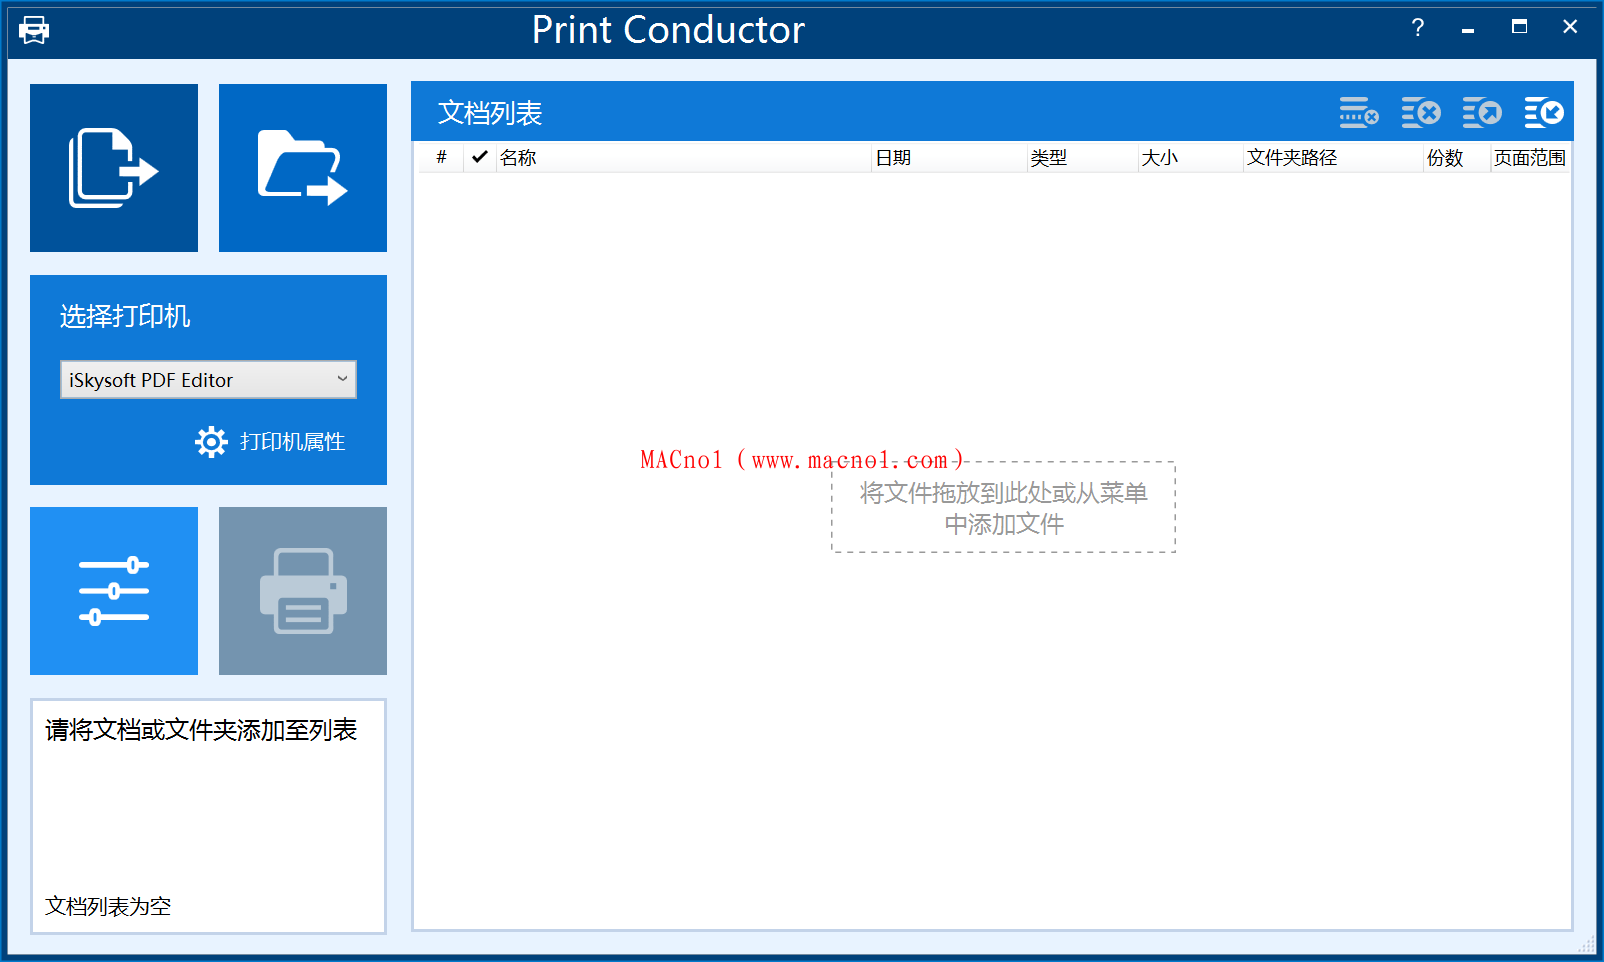 文件批量打印软件 Print Conductor v7.1.2 破解版(附注册机)